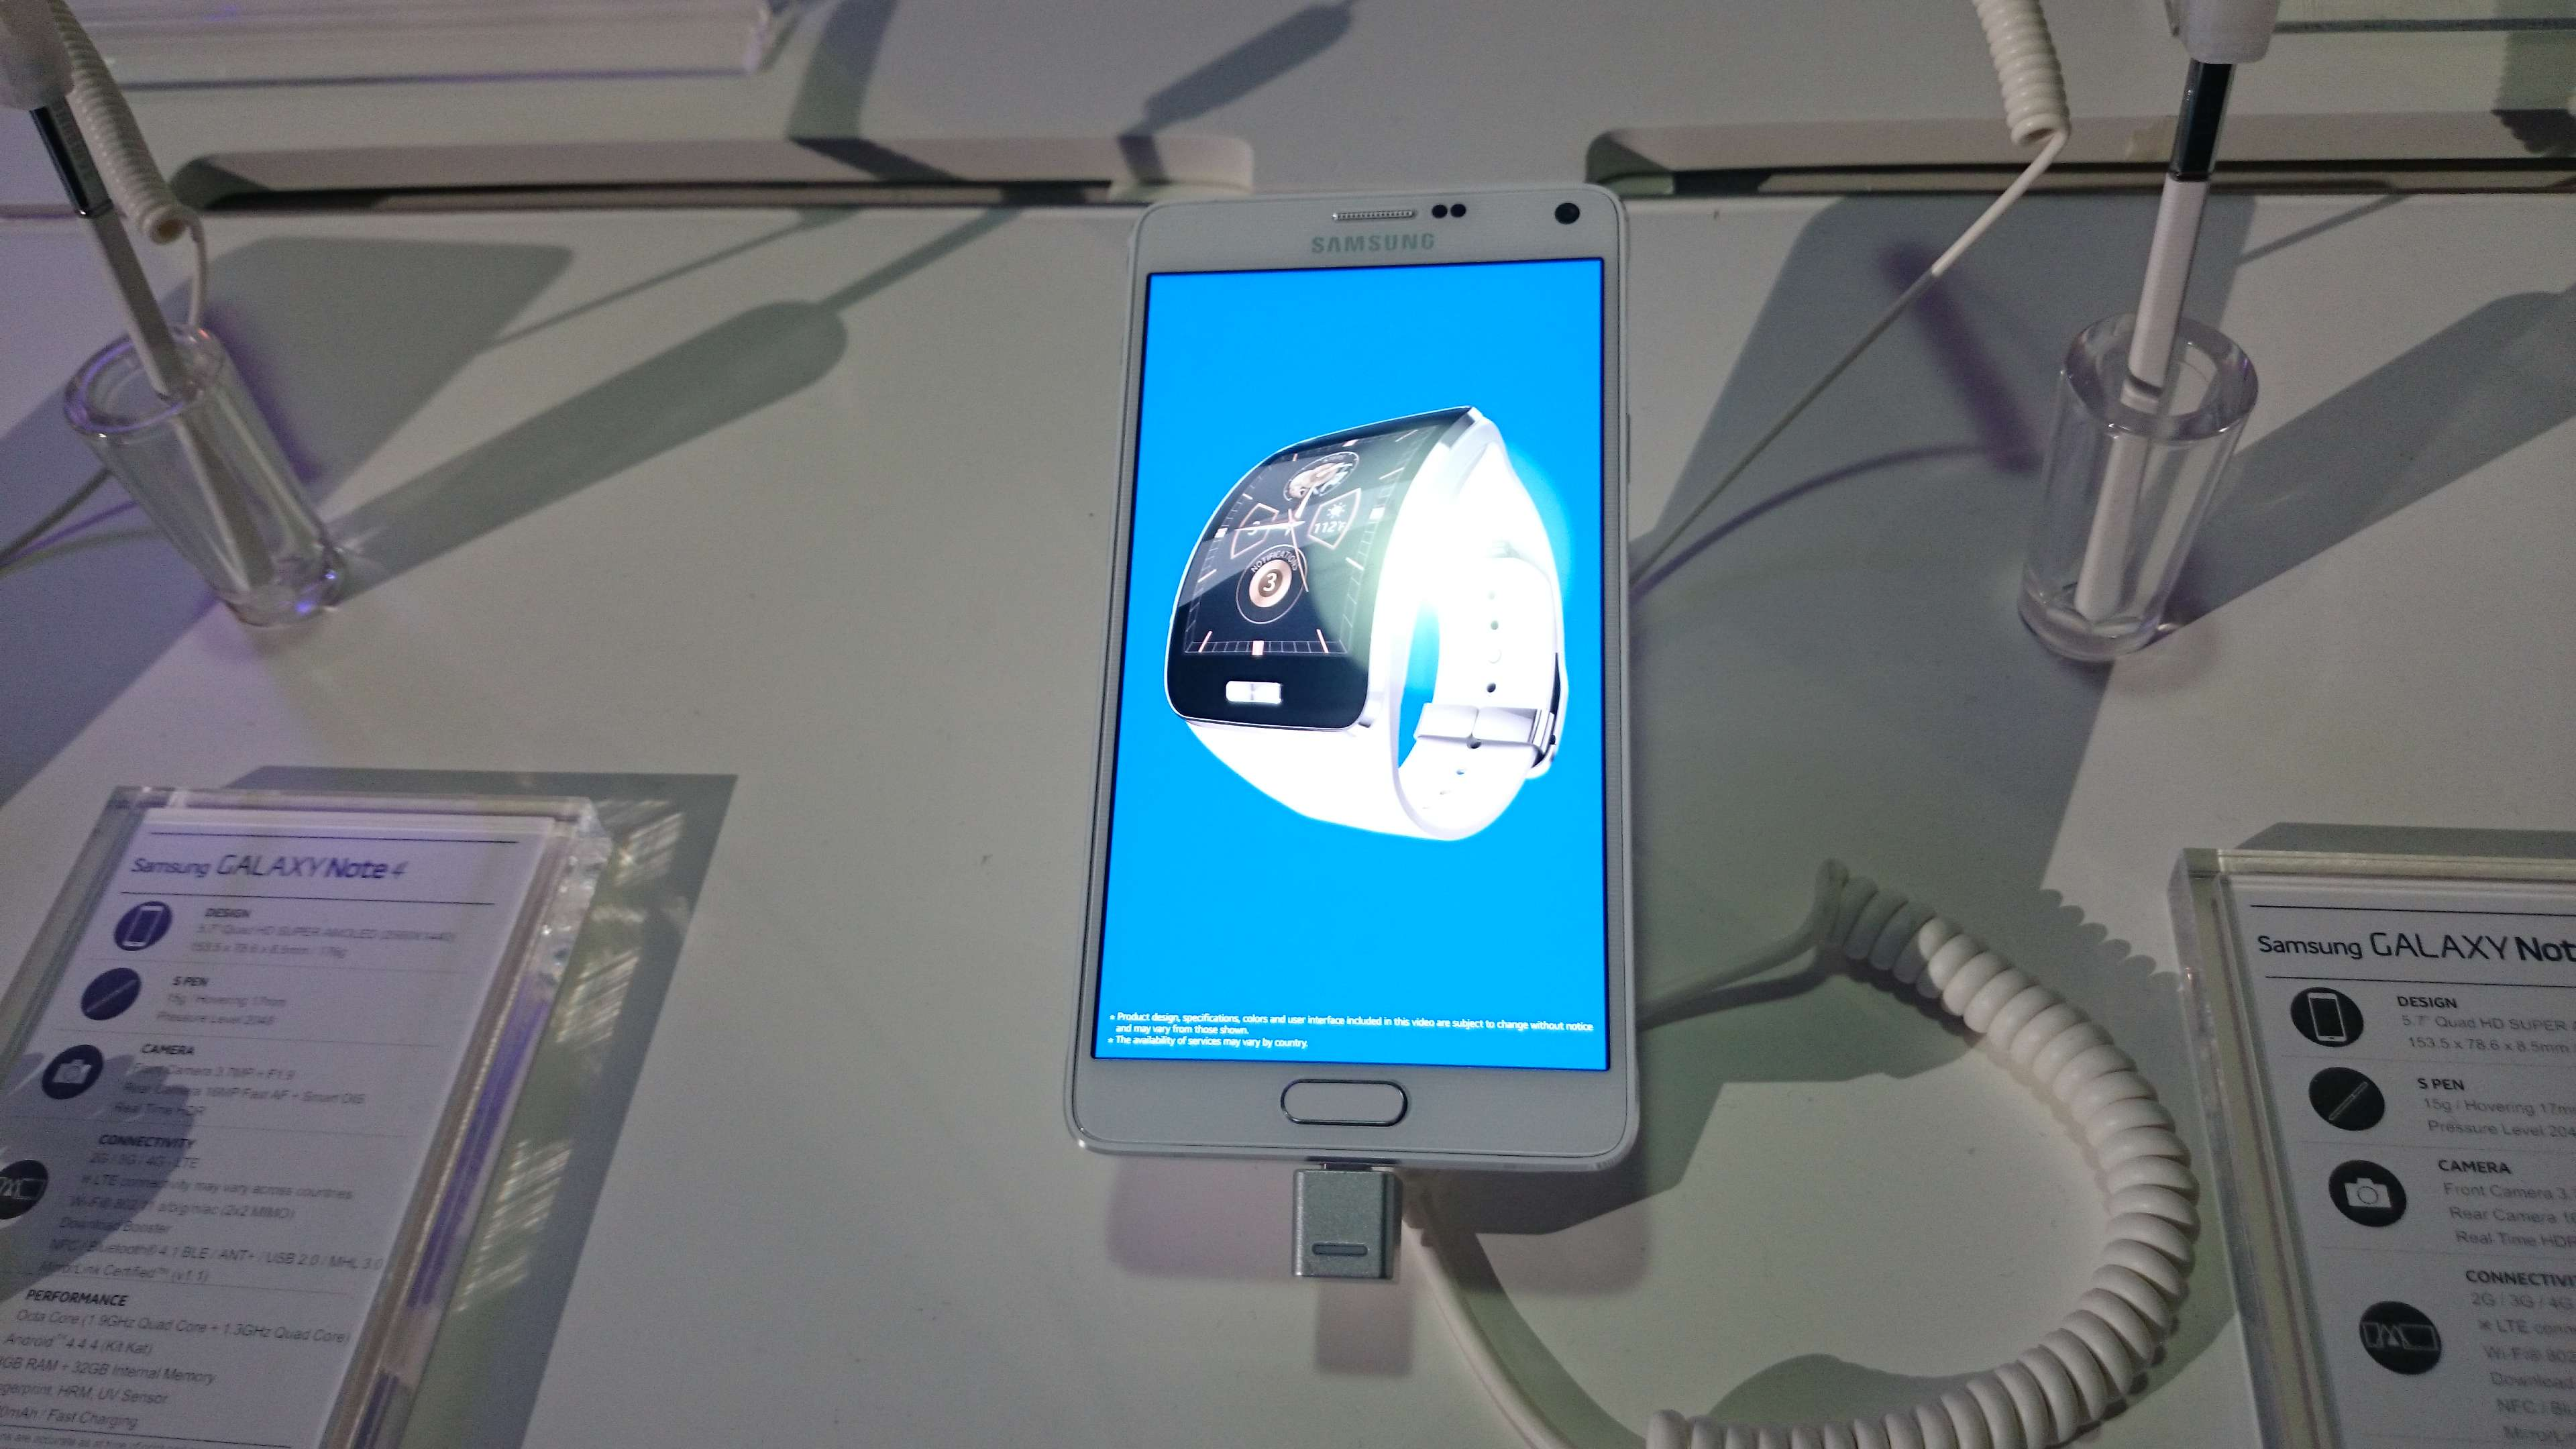 El Galaxy Note 4 tendrá un precio de 13 mil 429 pesos en México. Foto: Juhani Espinoza/Terra